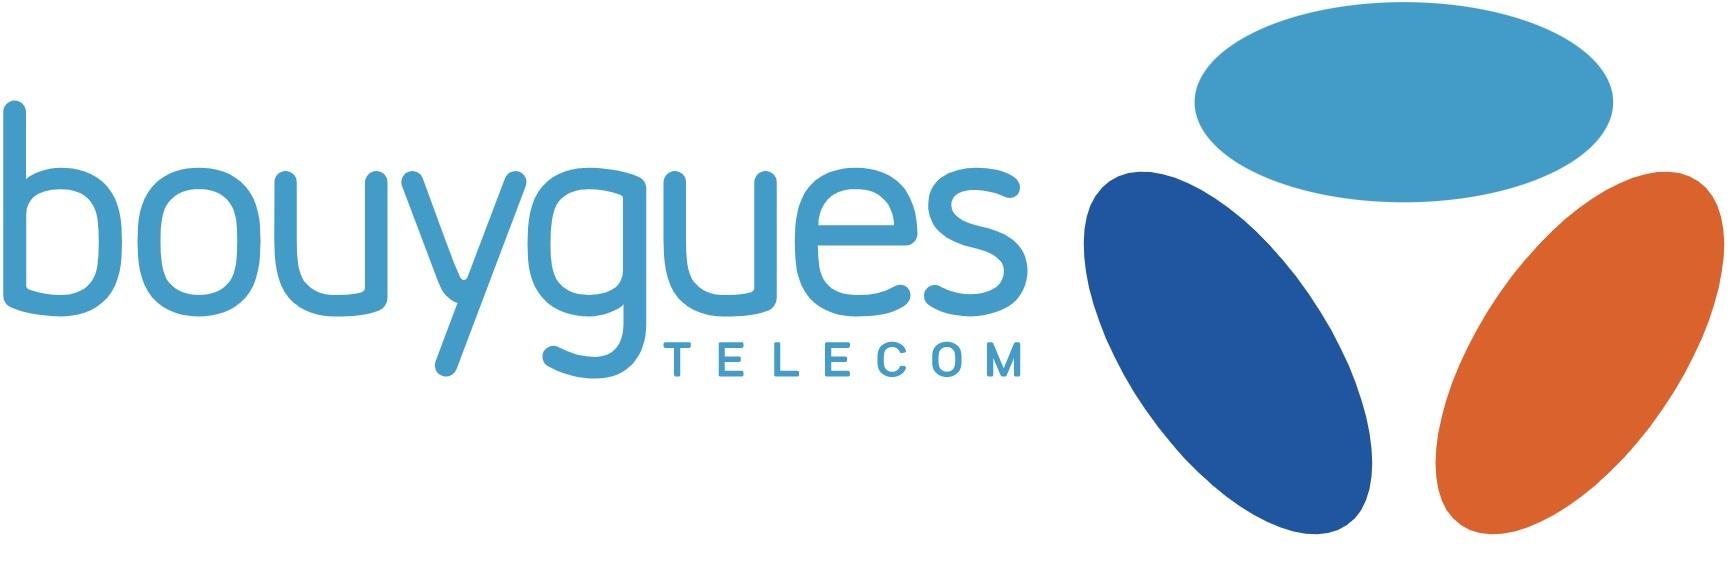 Code promo Bouygues Telecom : Forfait Mobile B&YOU Appels, SMS & MMS illimités + 20Go d'internet à 4,99€/mois sans engagement